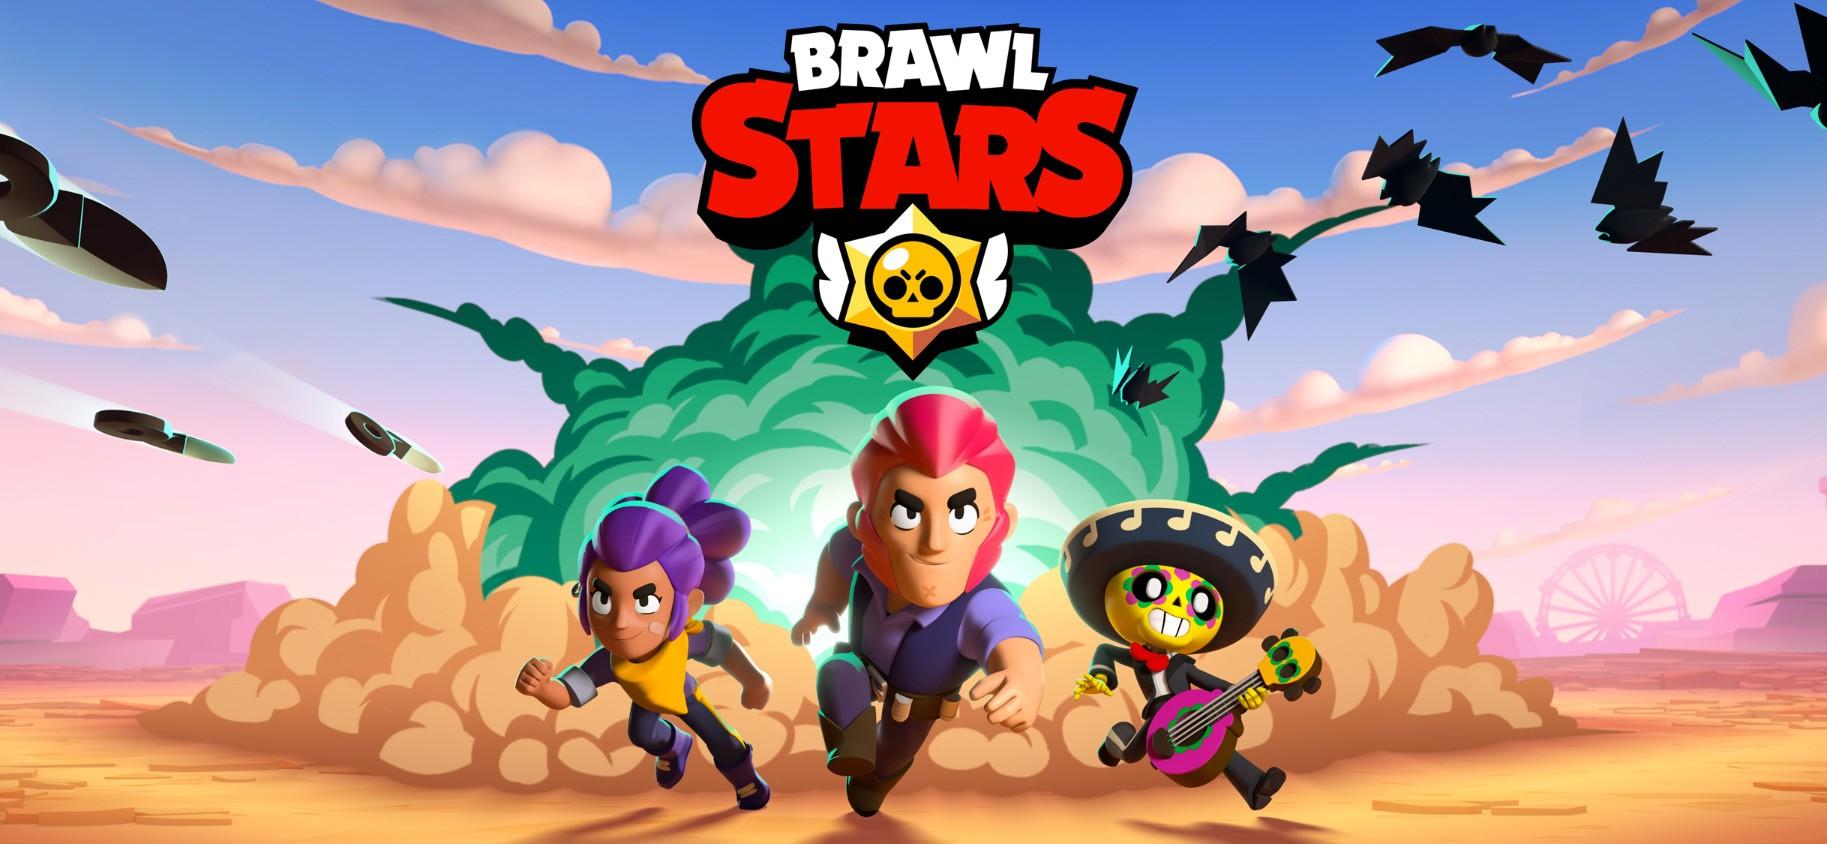 Connaissez-vous vraiment Brawl Stars ?